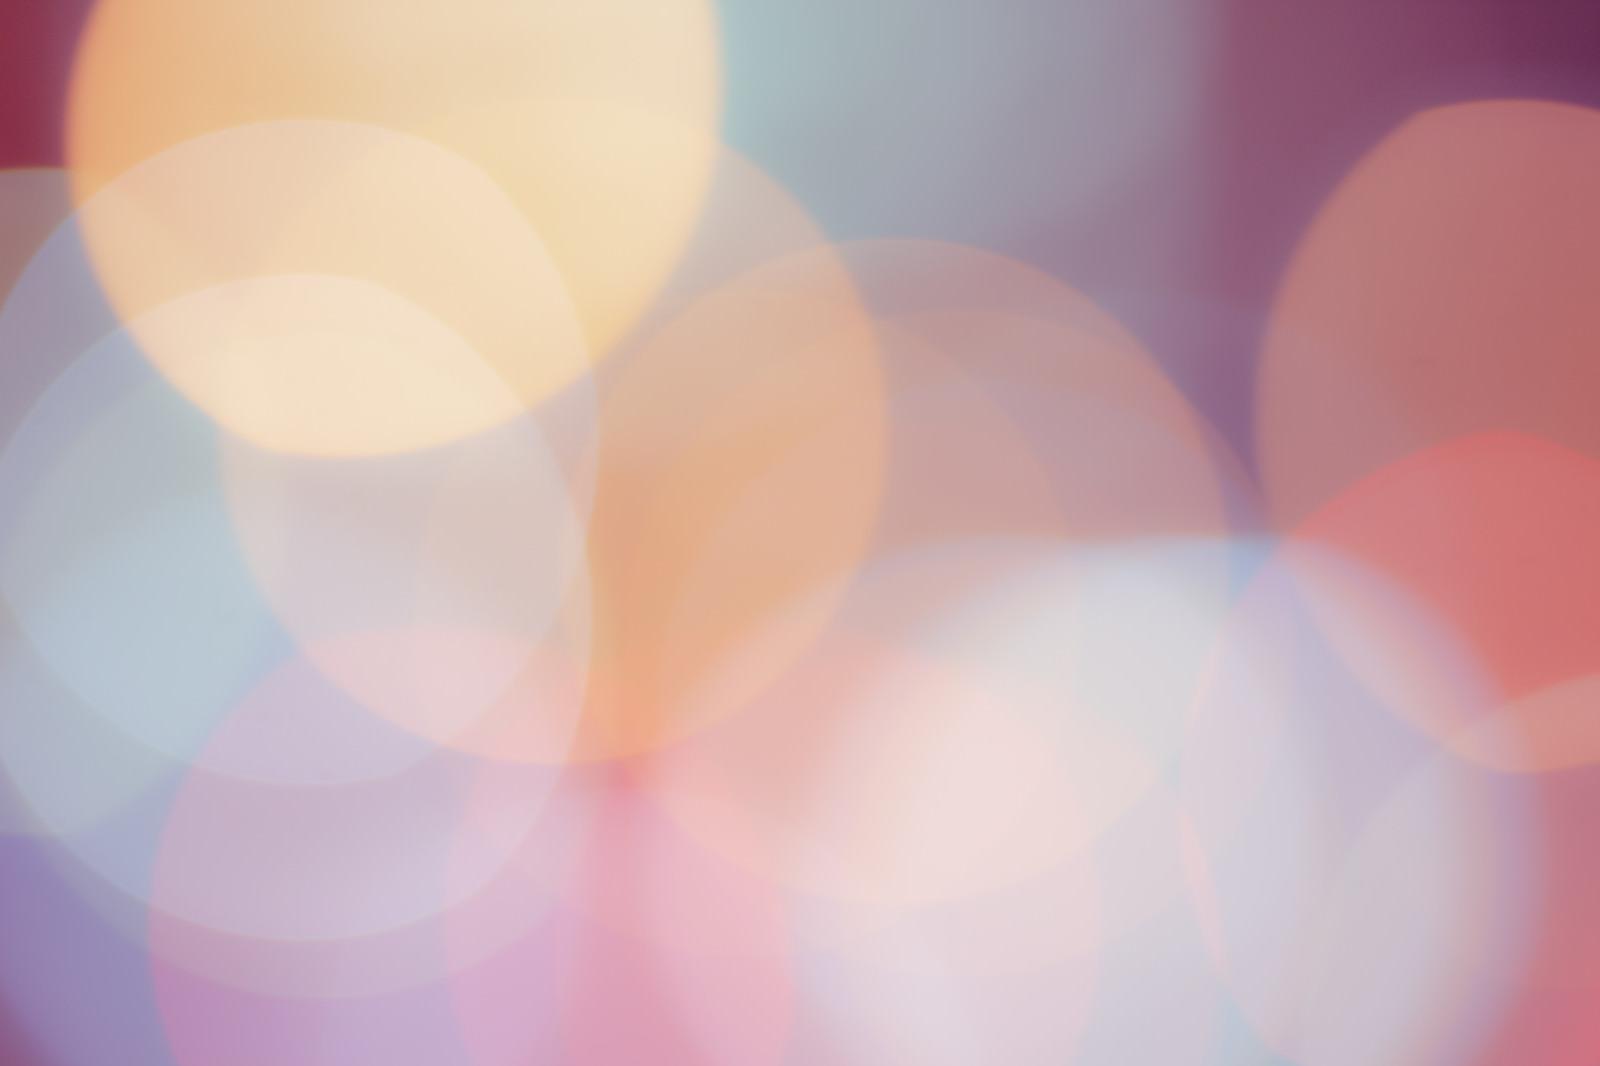 「淡くくすんだ丸ボケの光」の写真